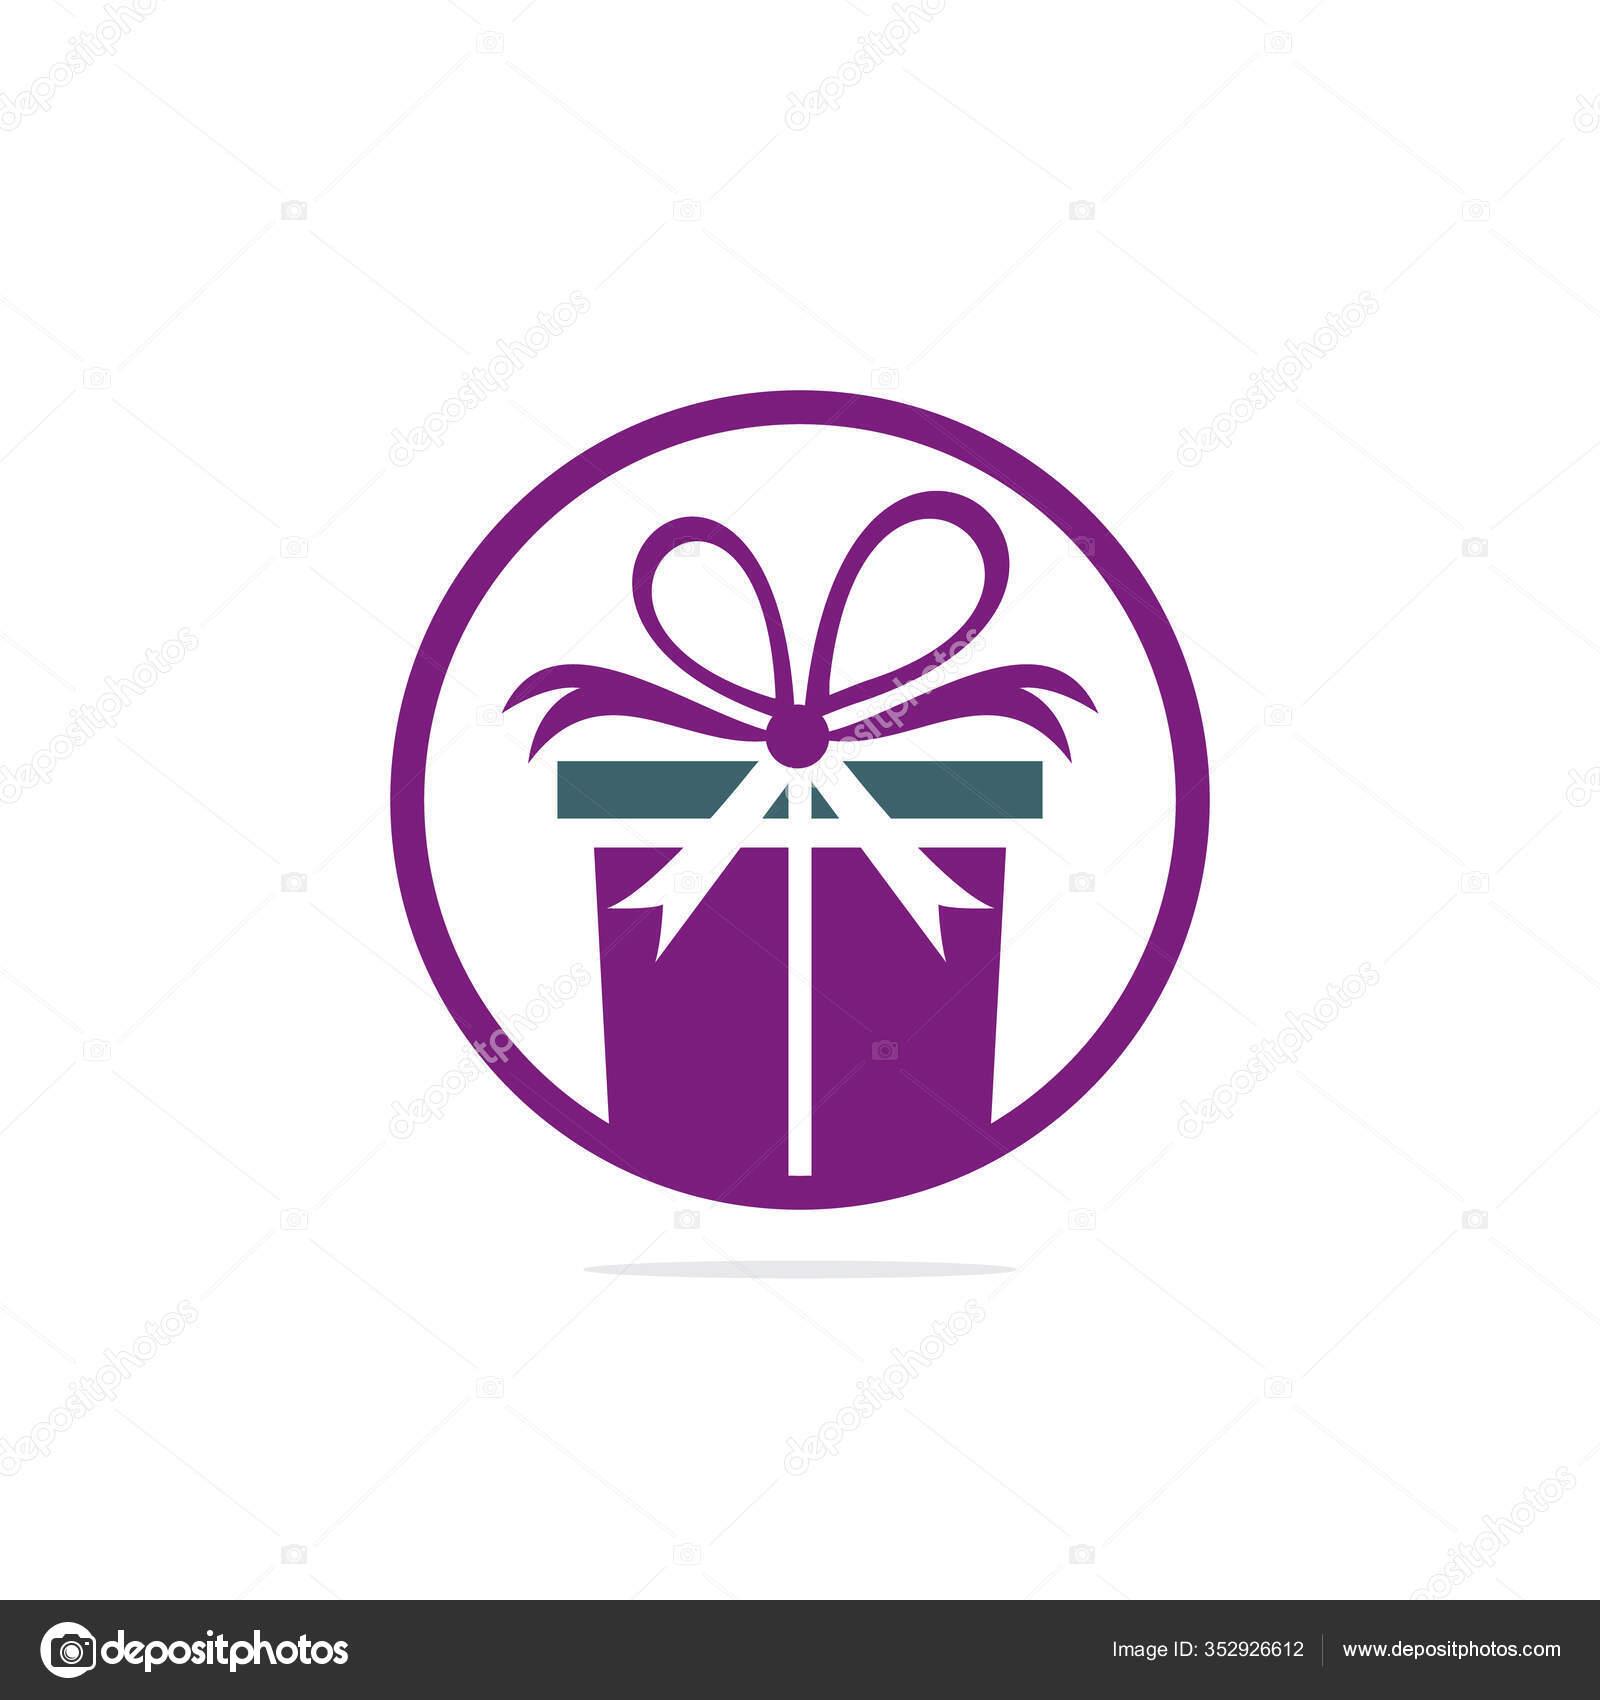 Gift Box Vector Logo Design Illustration Gift Box Present Greeting Stock Vector C Umerdeartist 352926612